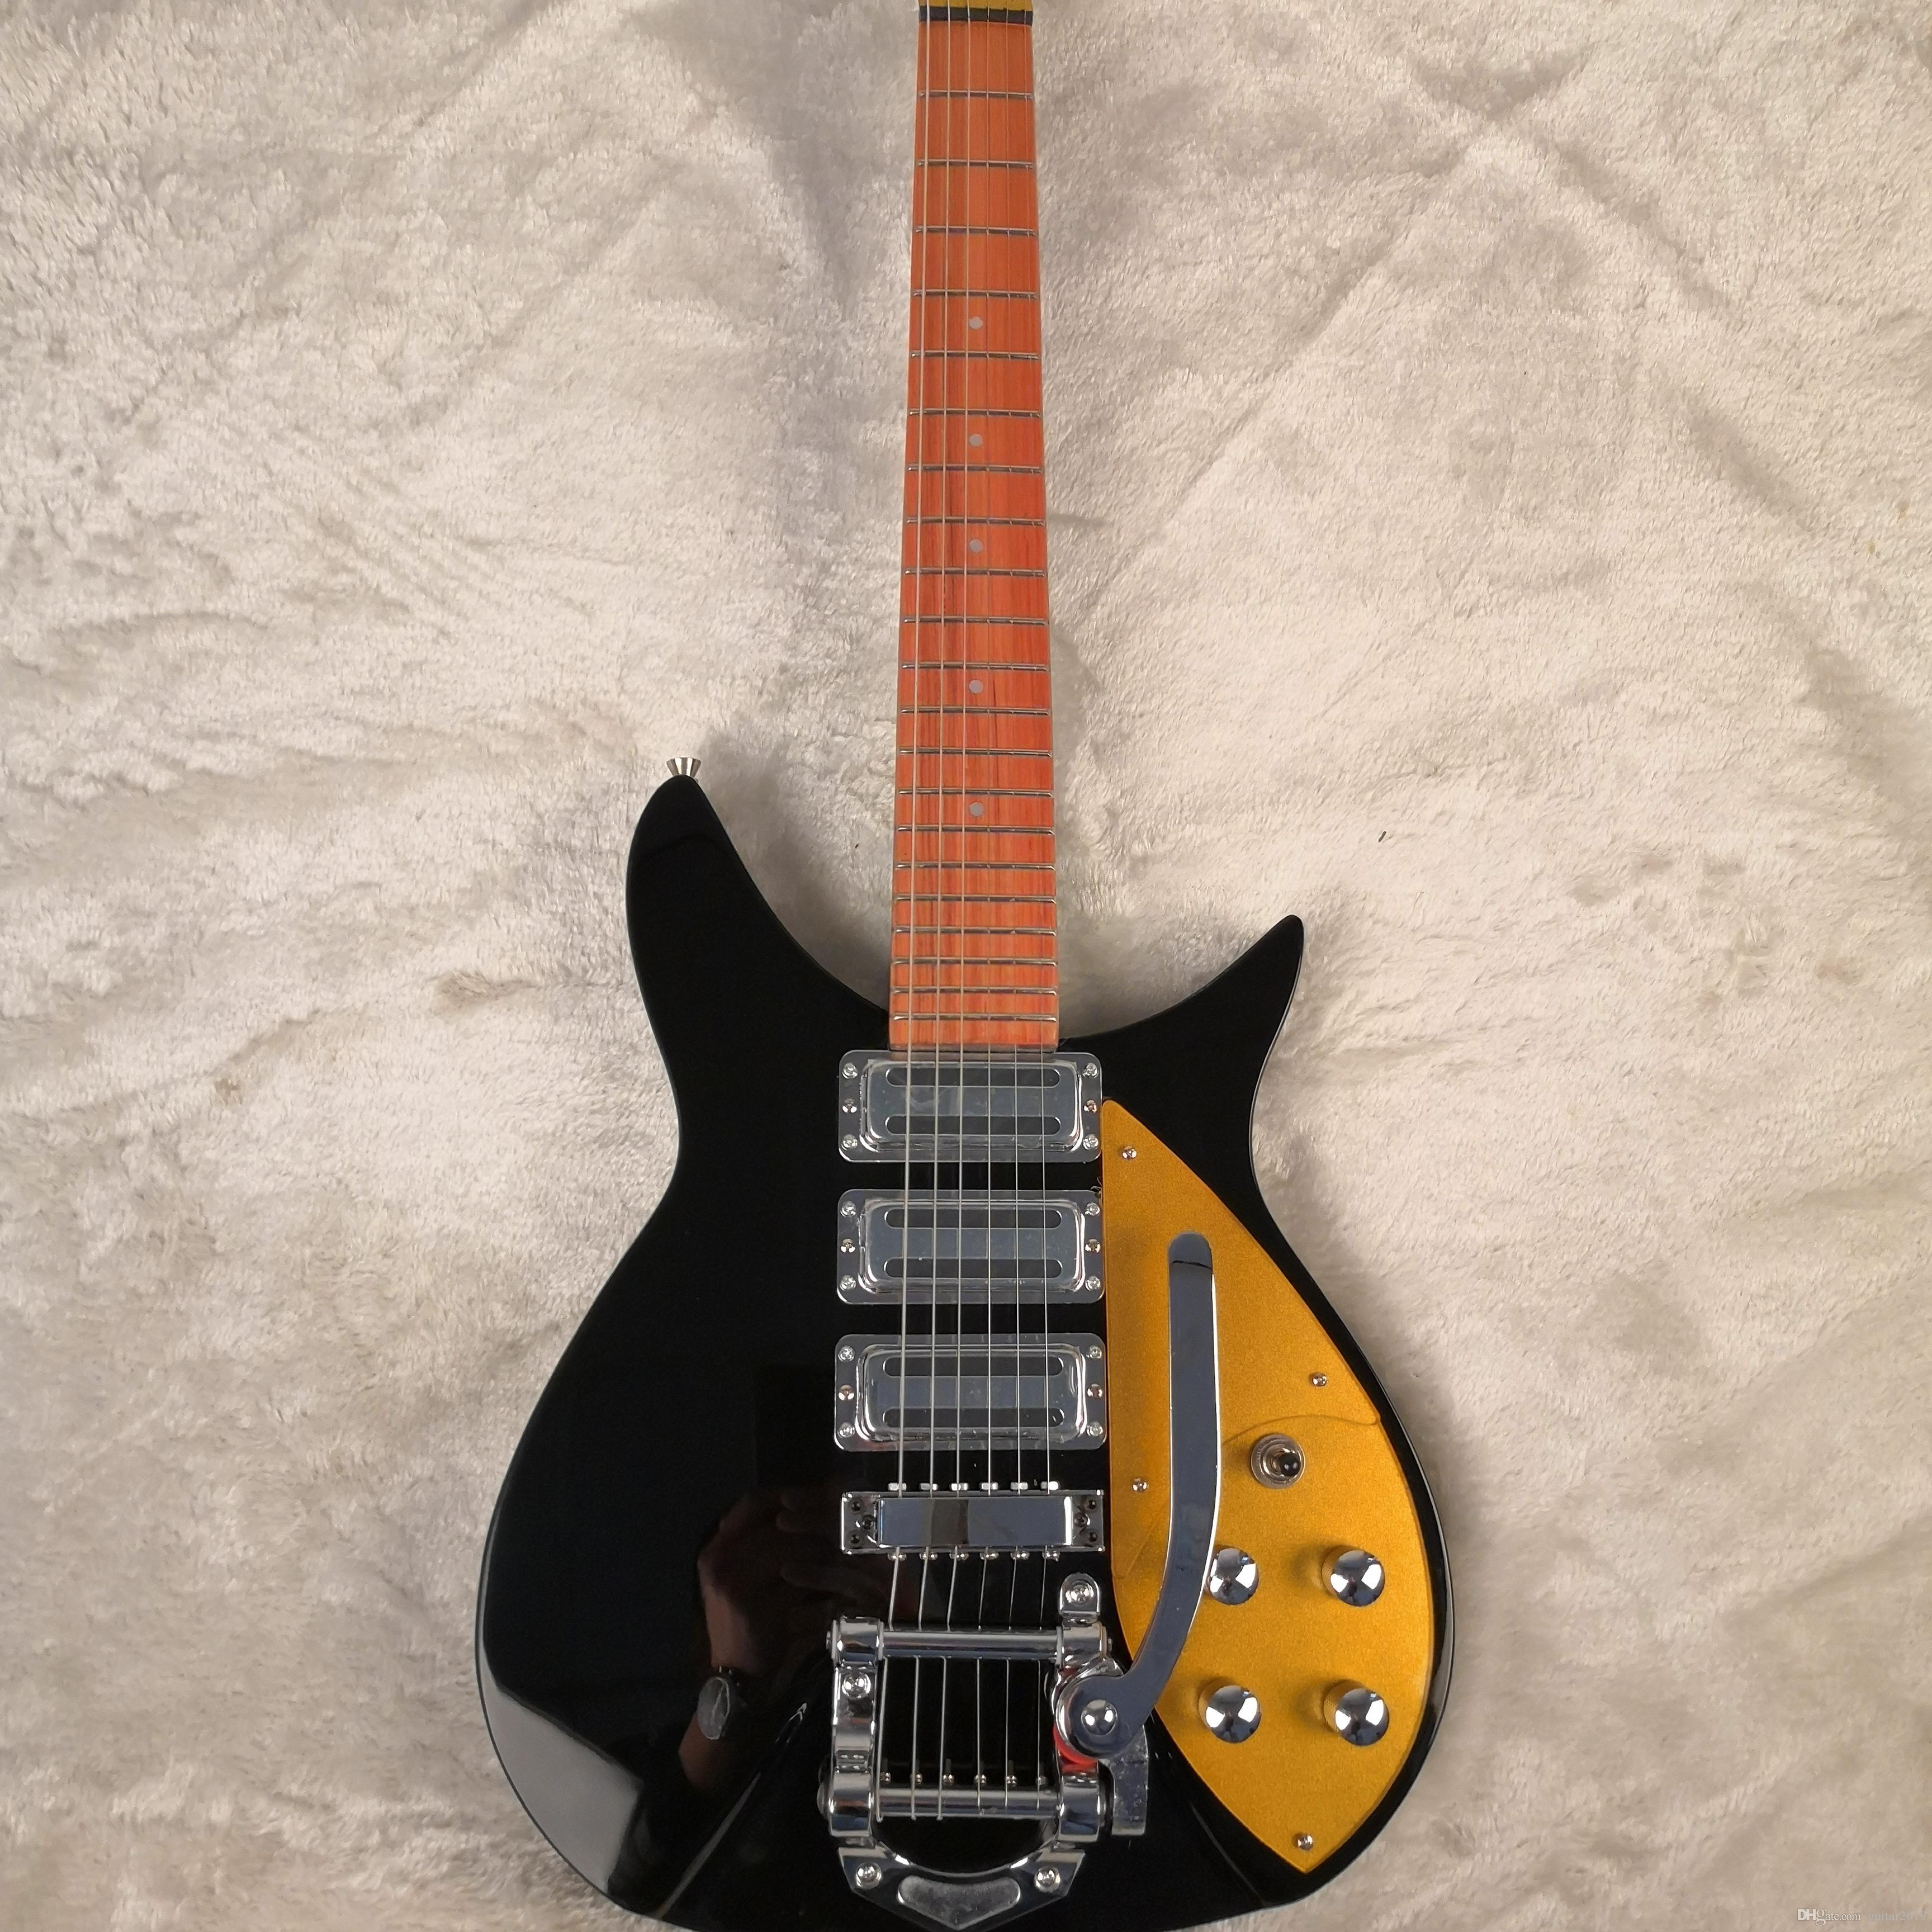 Freies verschiffen Gewohnheit schwarz 325 Modell 3 pickups elektrische Gitarre China Gitarre HEIßER VERKAUF großhandel gitarren aus china Akkordabstand 527 mm